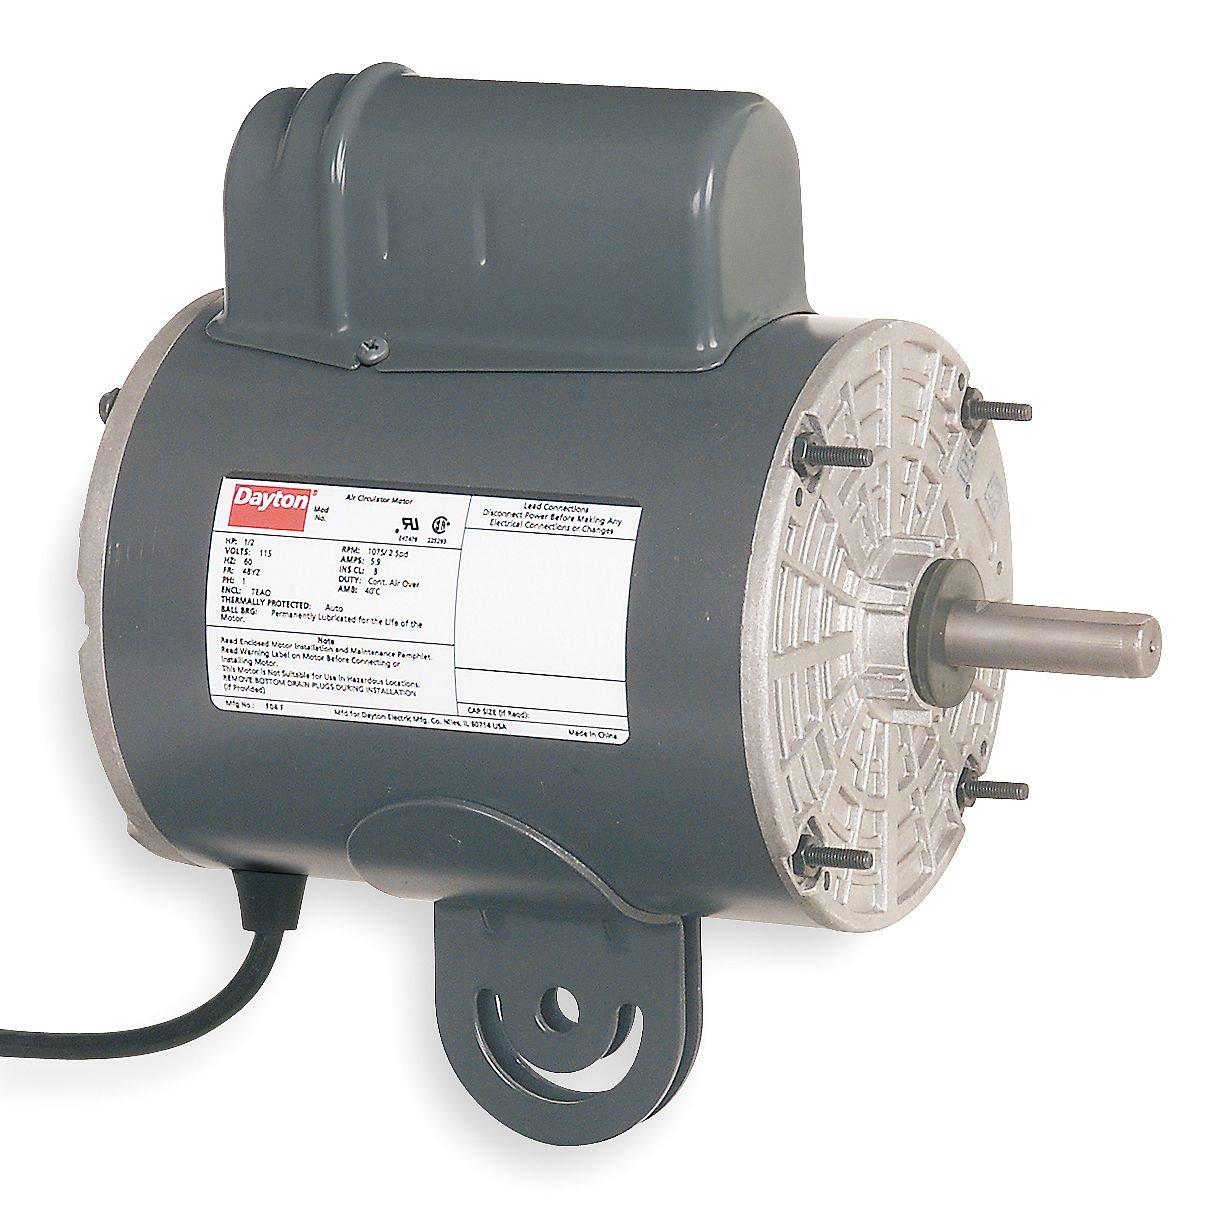 Dayton 4UX61 Motor, 1/4 HP, Yoke